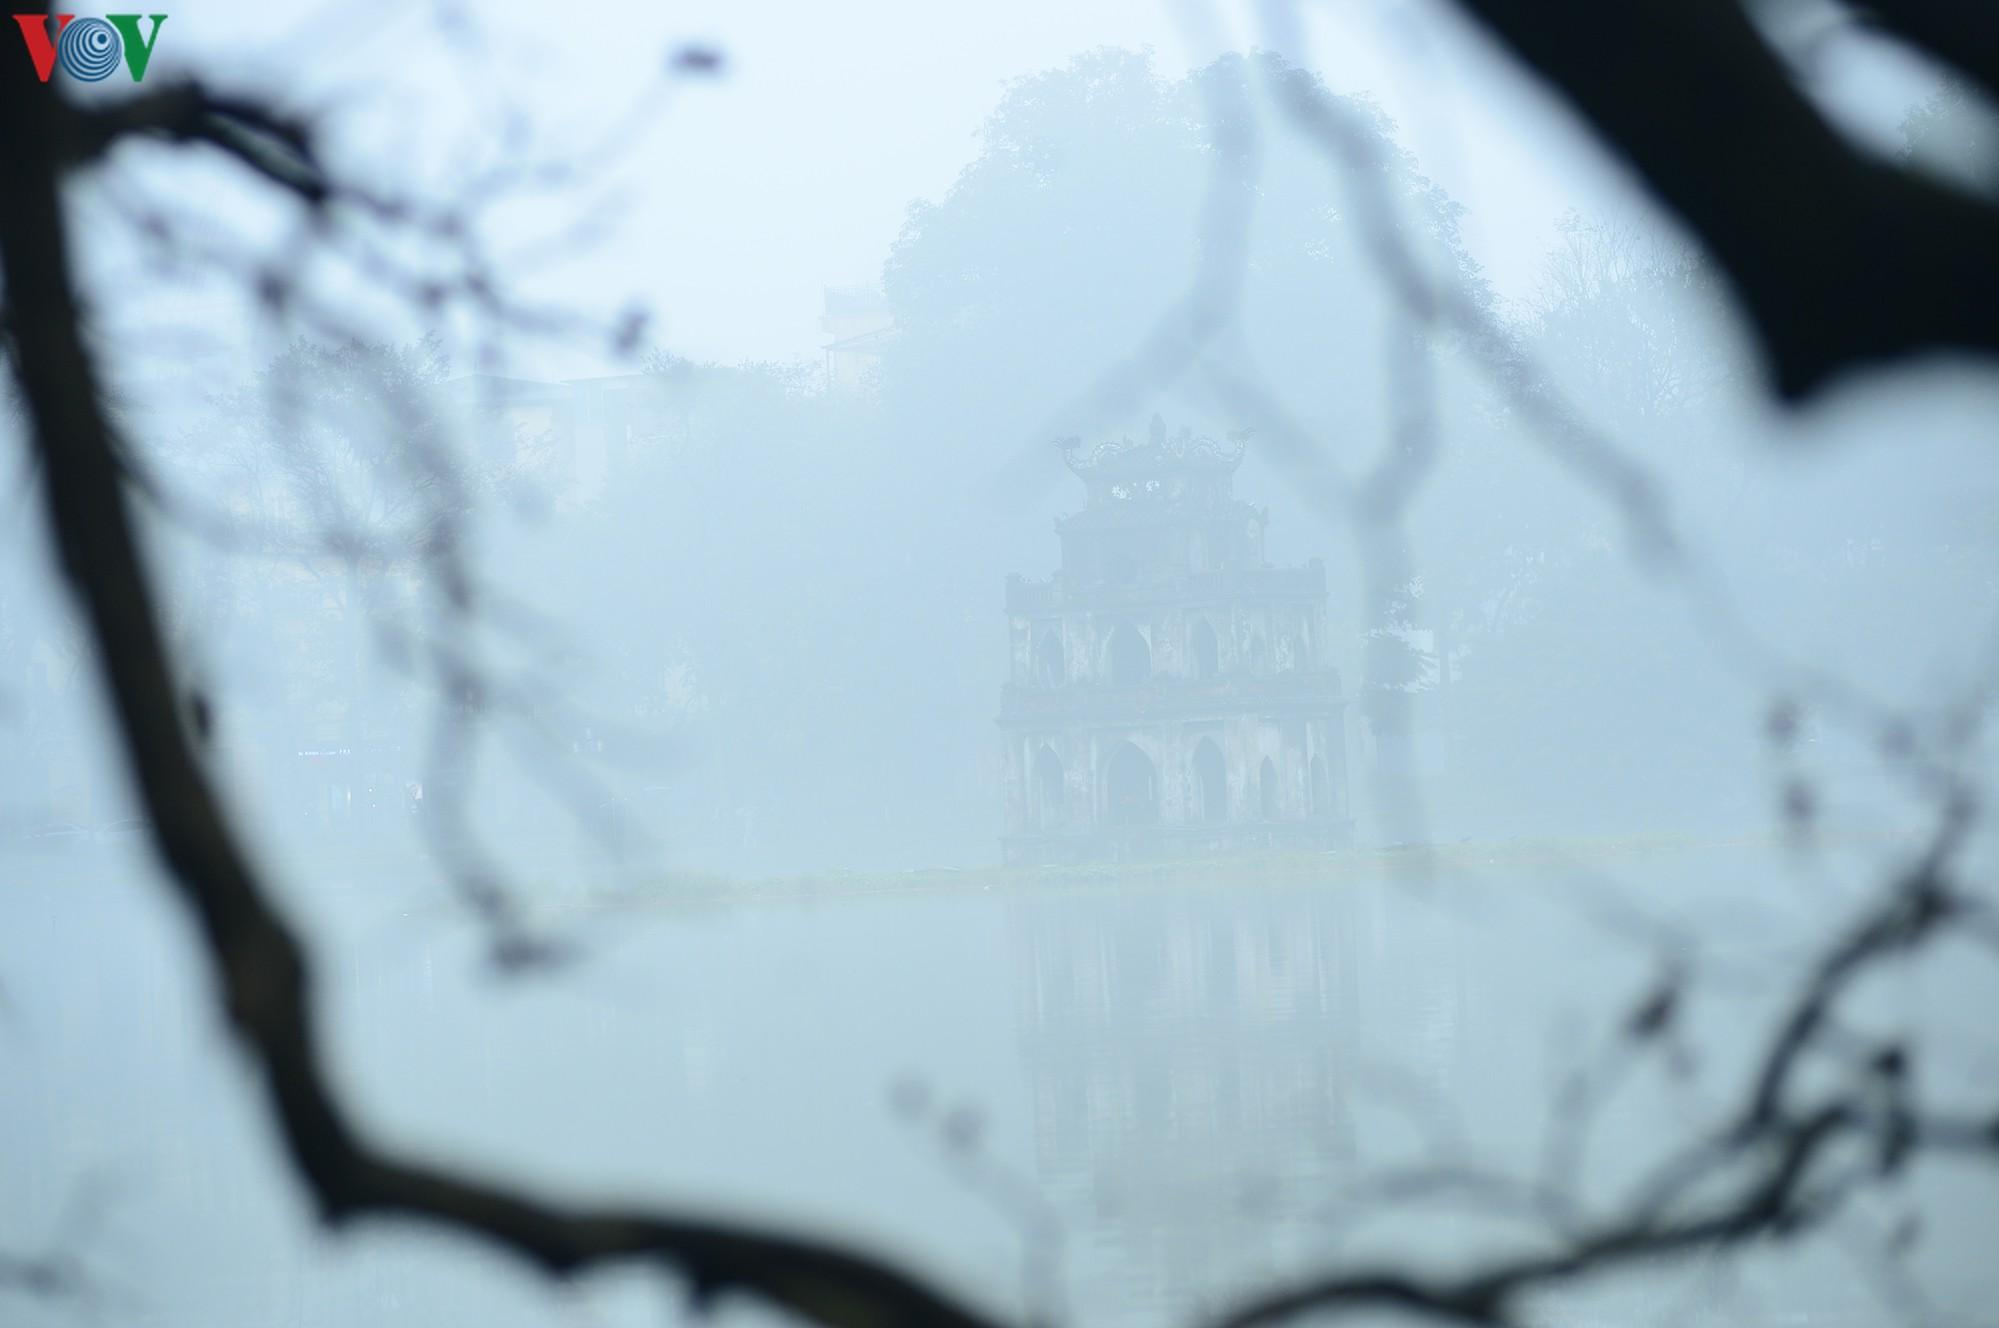 Hà Nội lại chìm trong sương mù dày đặc Ảnh 14